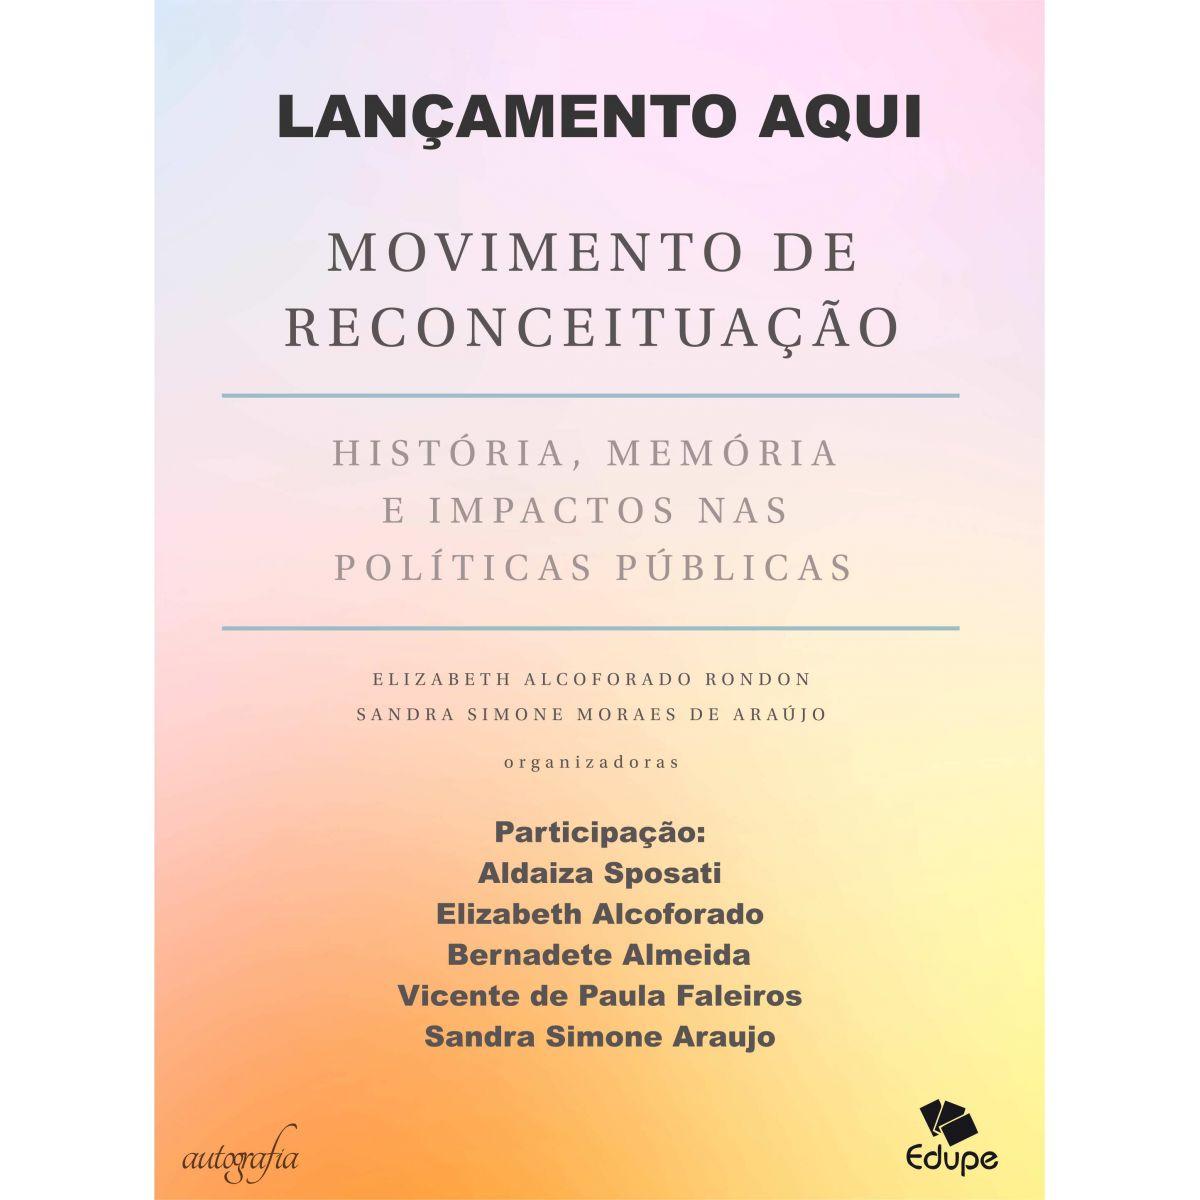 Movimento de Reconceituação: história, memória e impactos nas políticas públicas  - Editora Papel Social